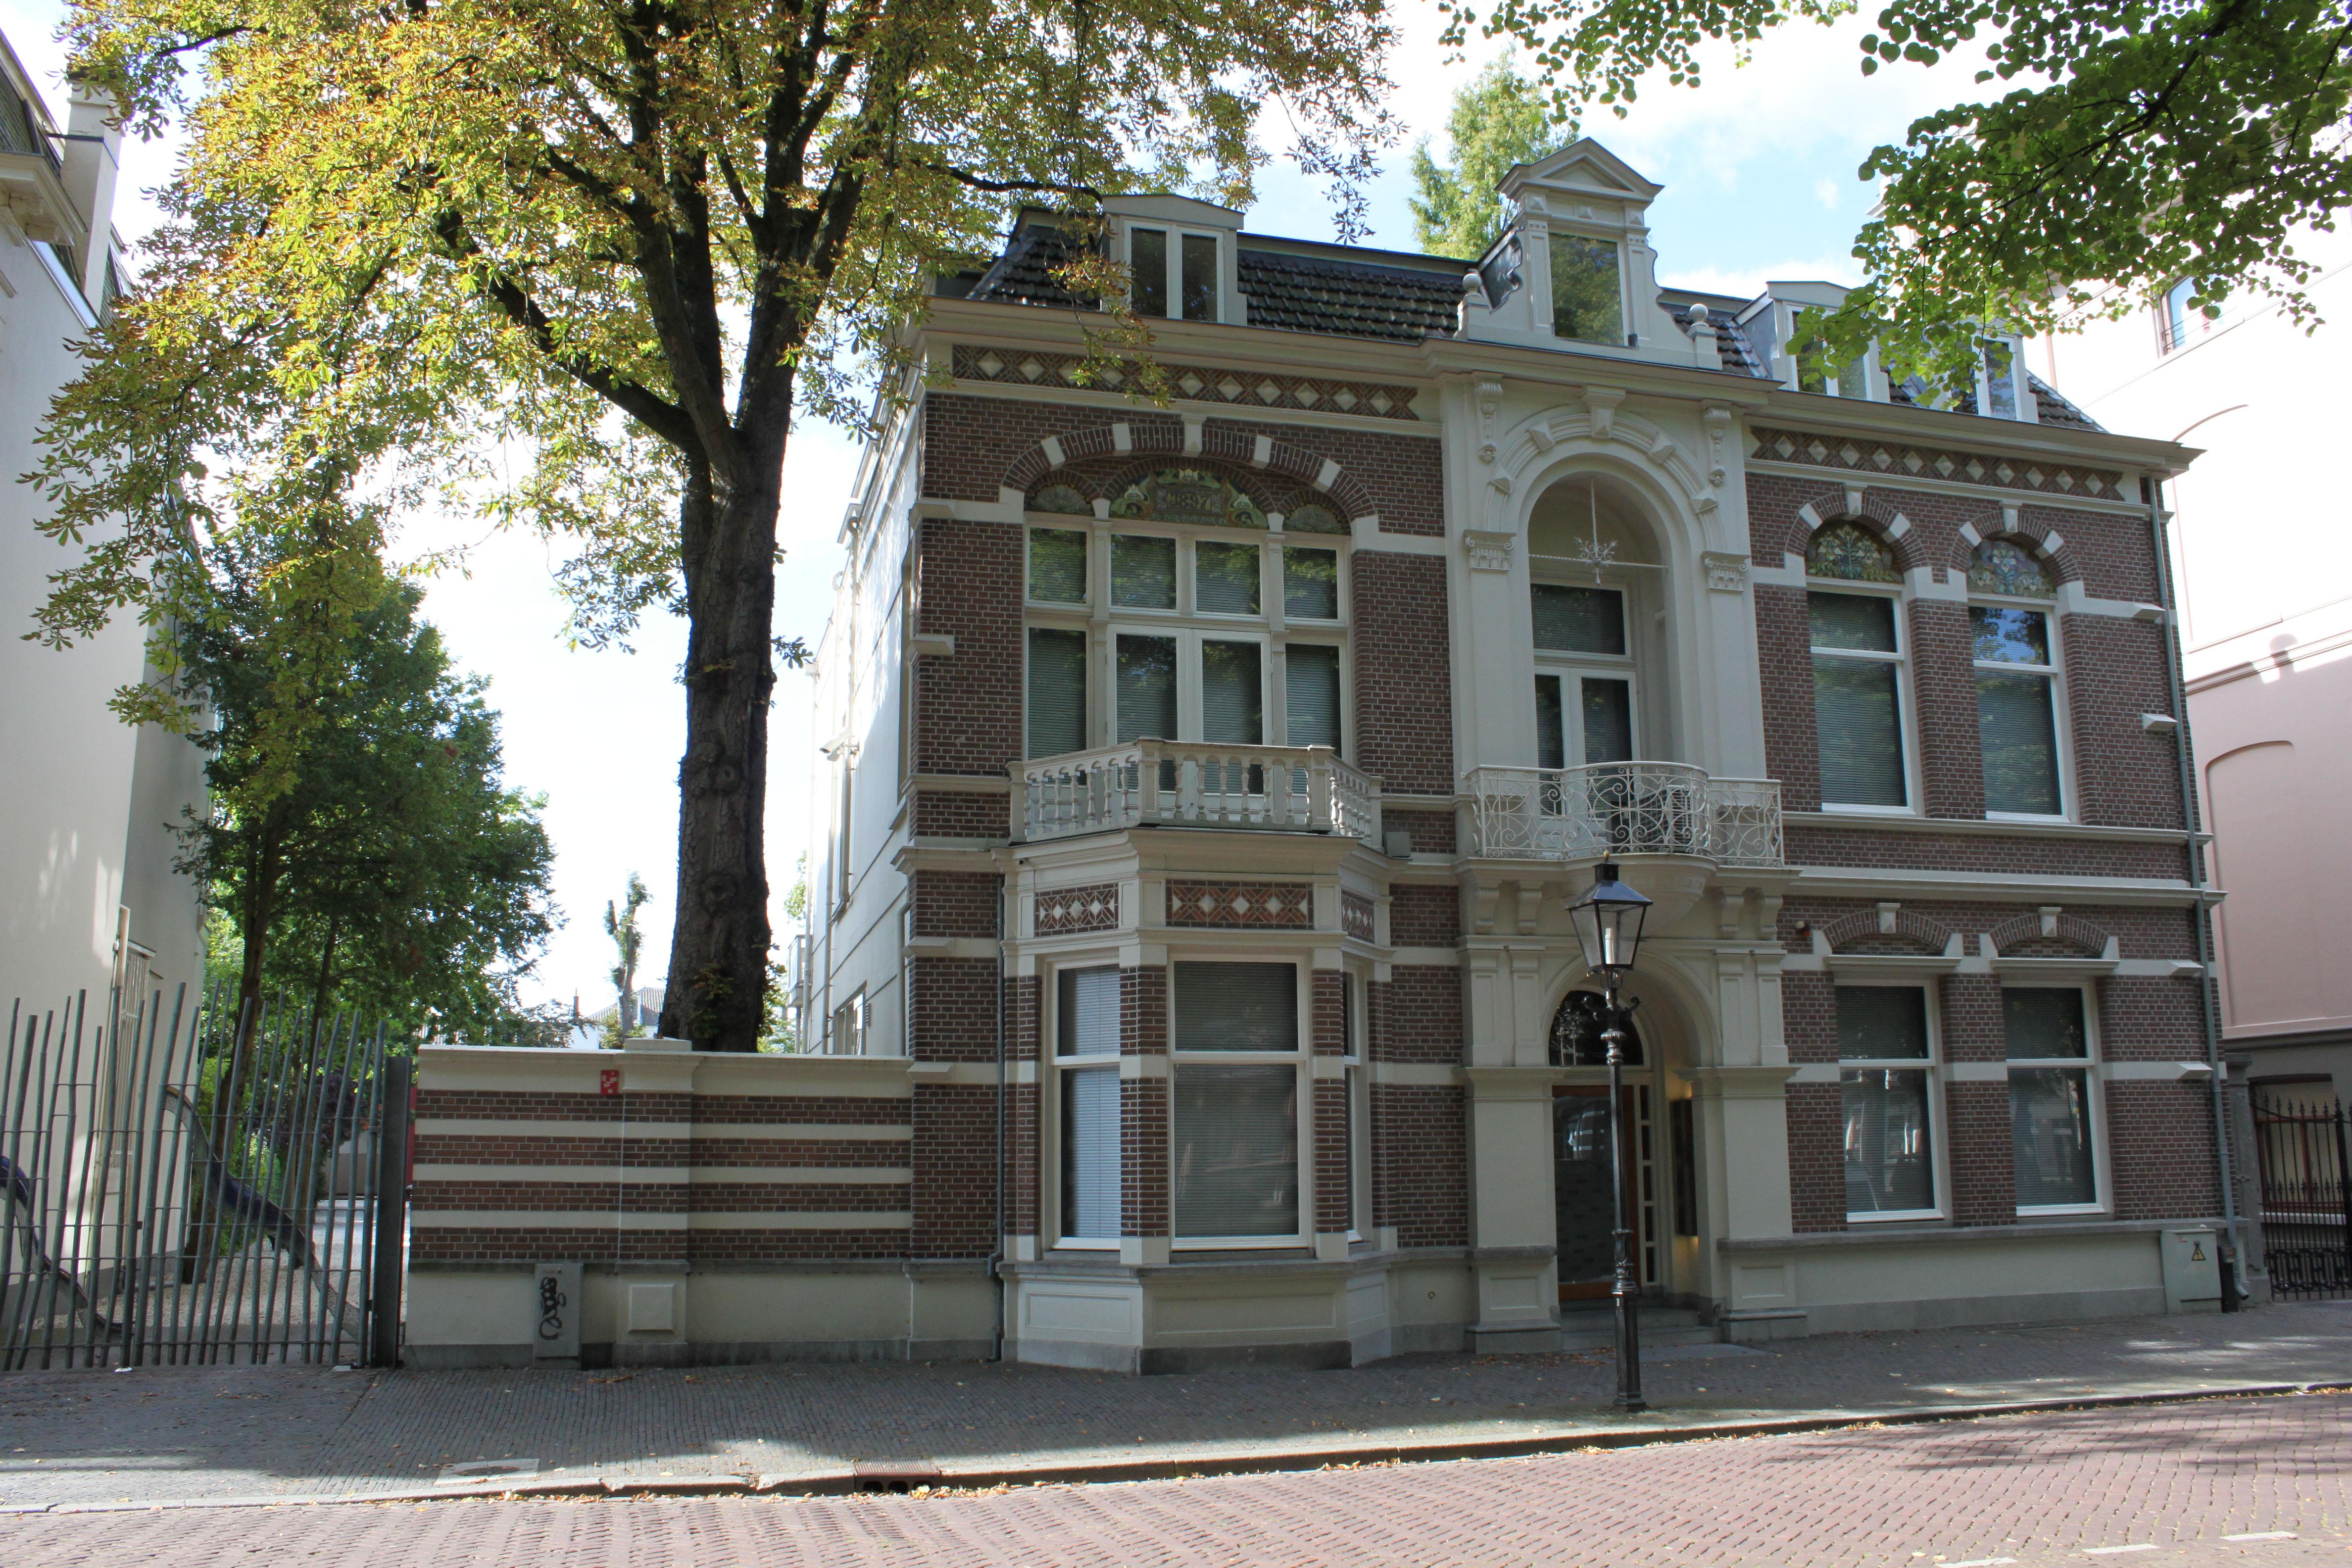 File:Utrecht Maliebaan-16 514371.jpg